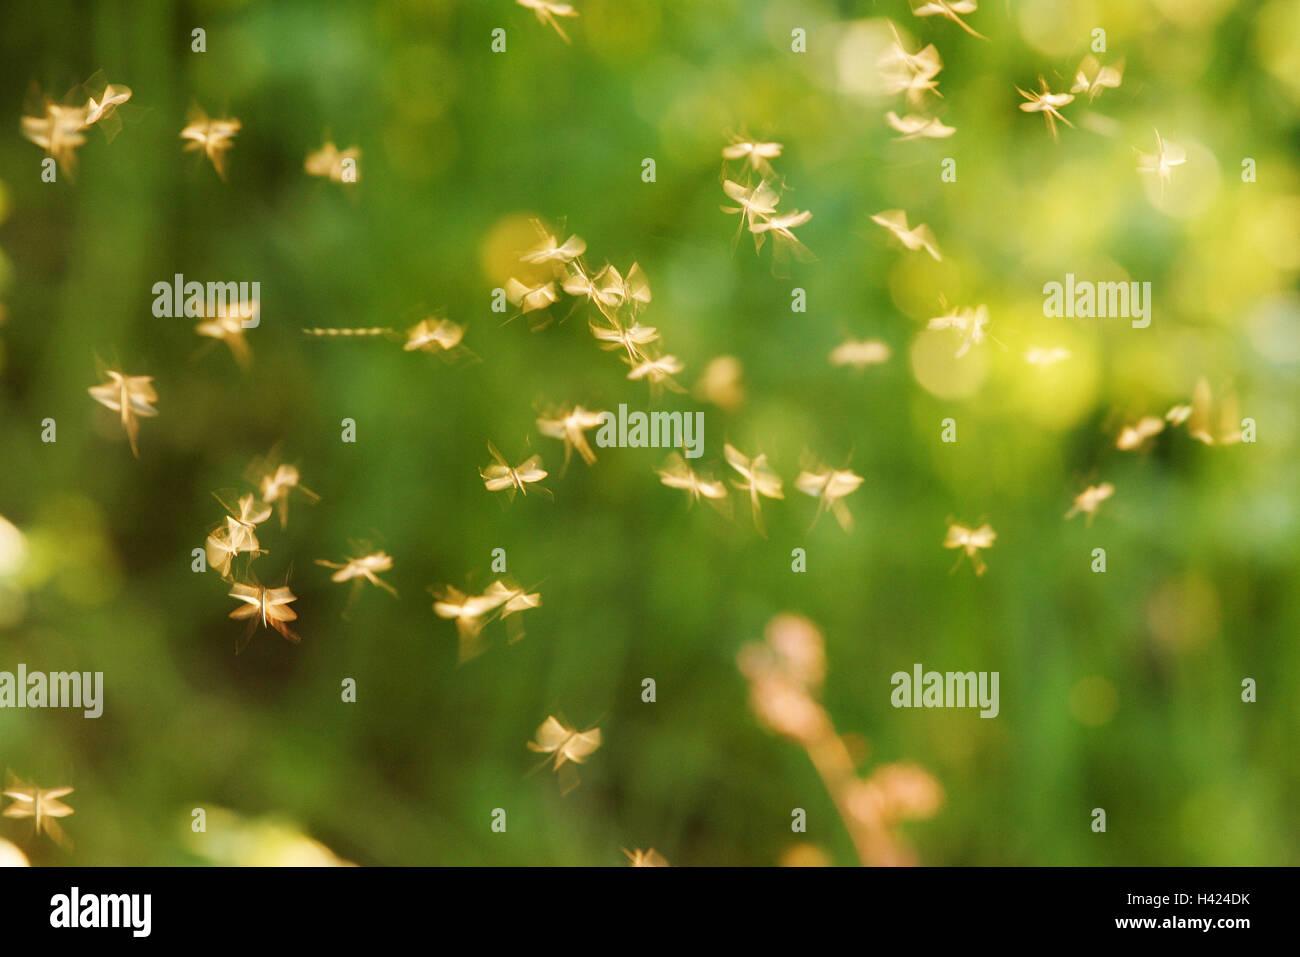 Schwarm von Mücken, Gegenlicht, Insekten, Stechmücken, Mücken, Stechmücken, Gelsen, Culicidae, Stockbild